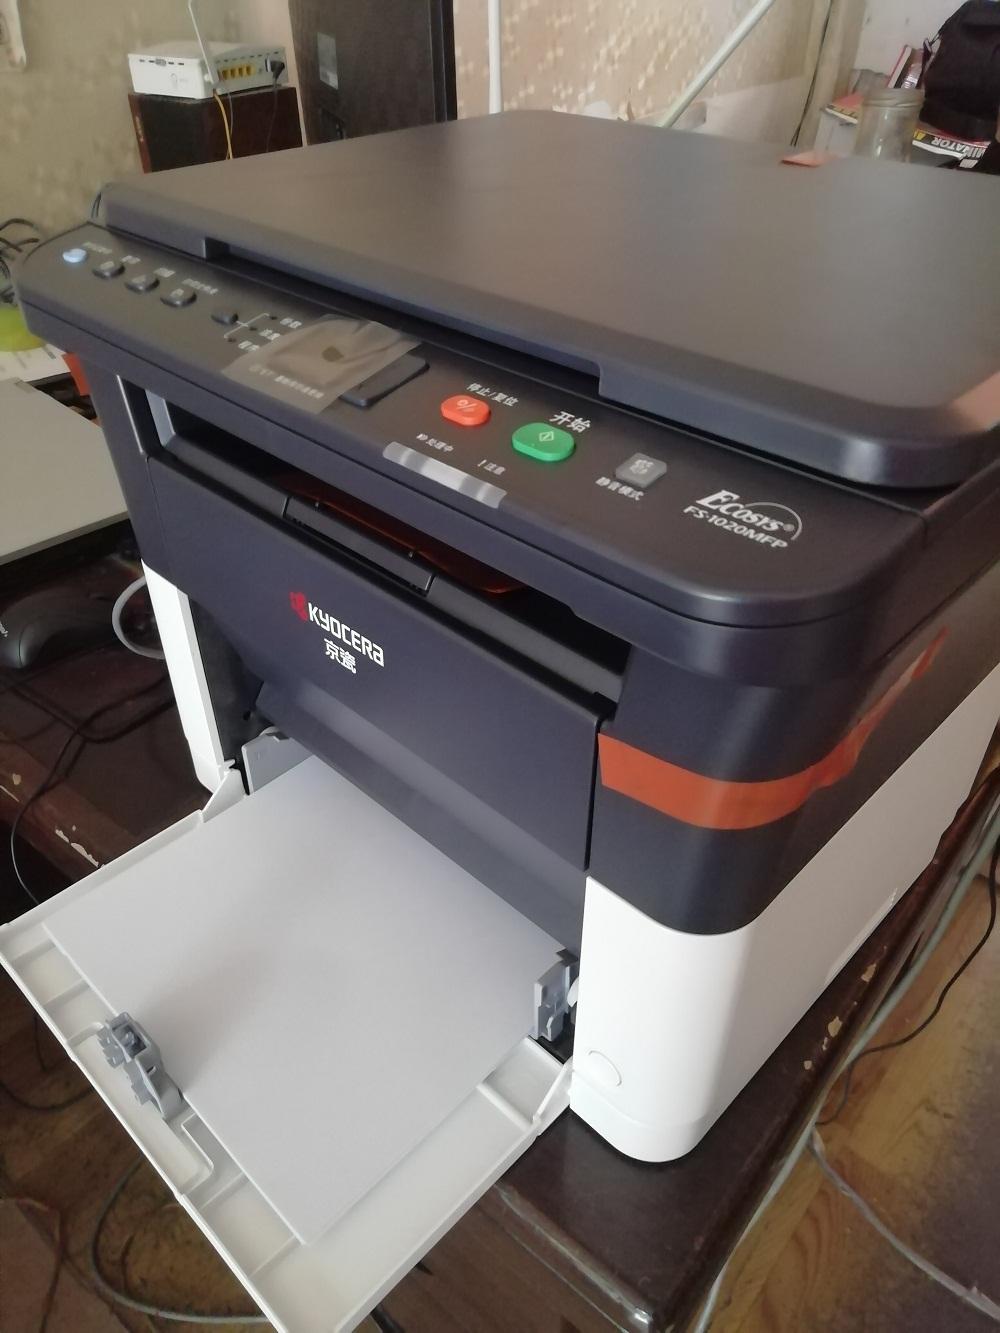 京瓷1020复印打印扫描一体机